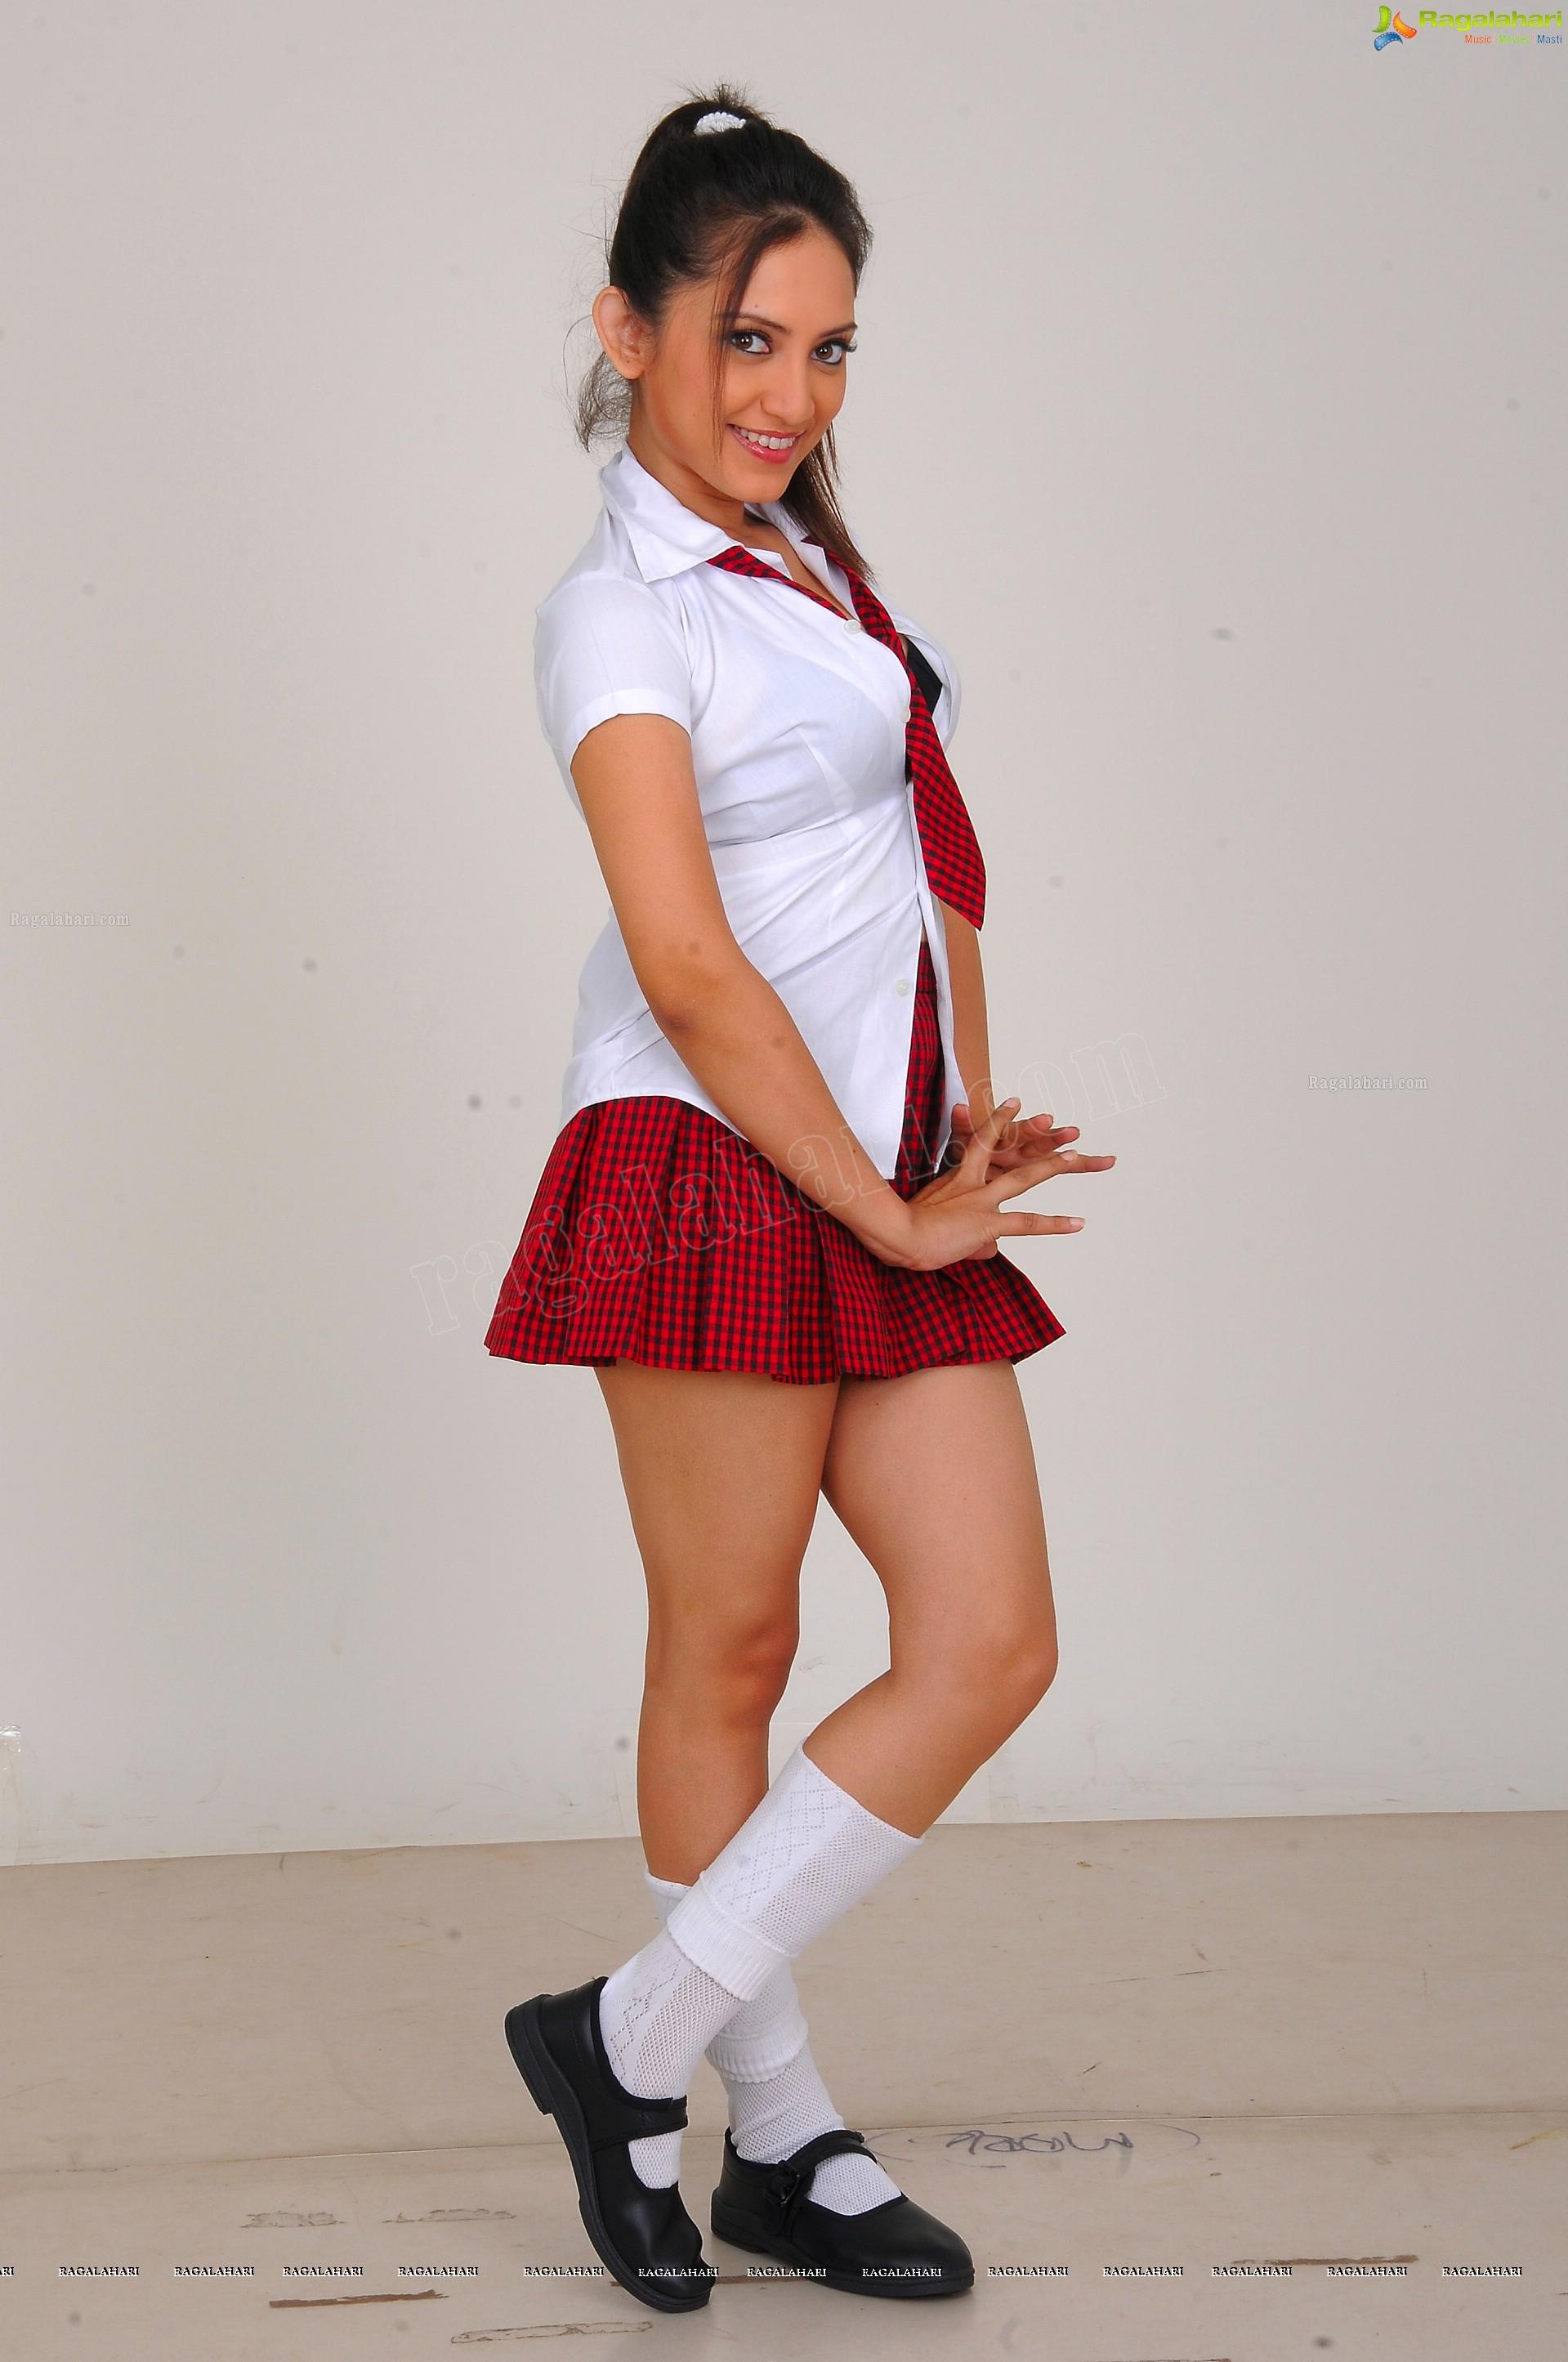 http://img.raagalahari.com/june2013/hd/telugu-heroine-leesa/telugu-heroine-leesa43.jpg